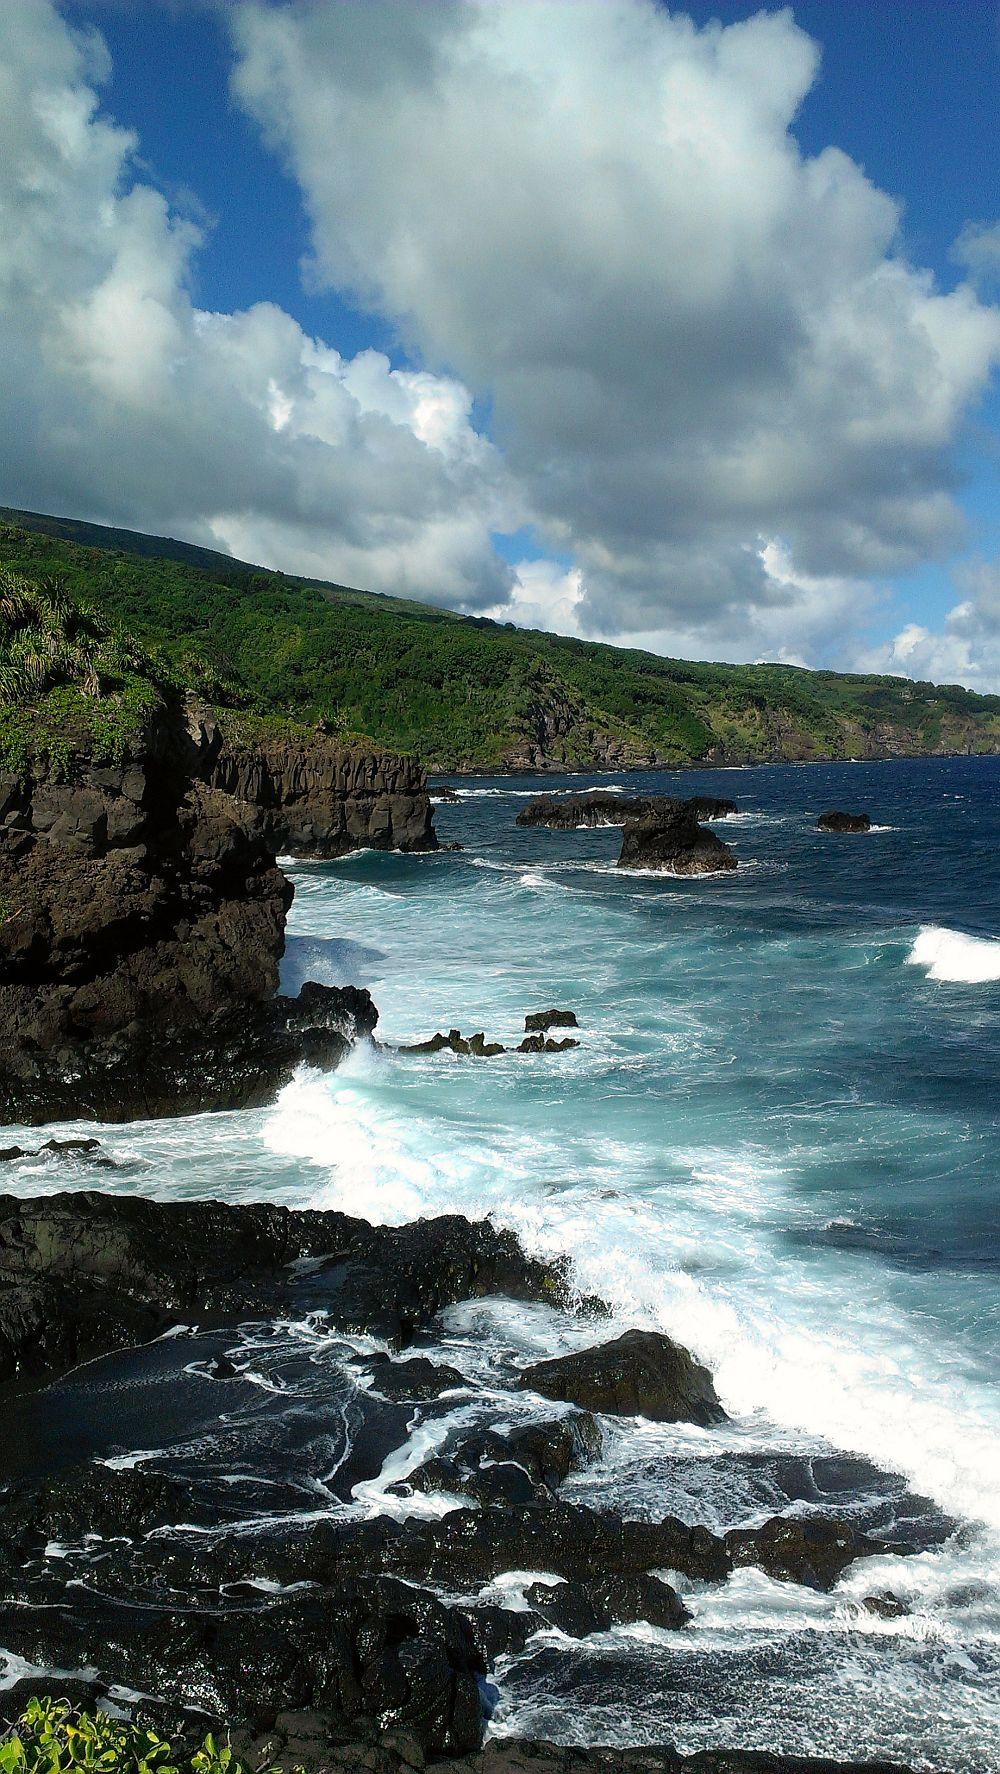 Maui Coastline, Pools at Ohe'o